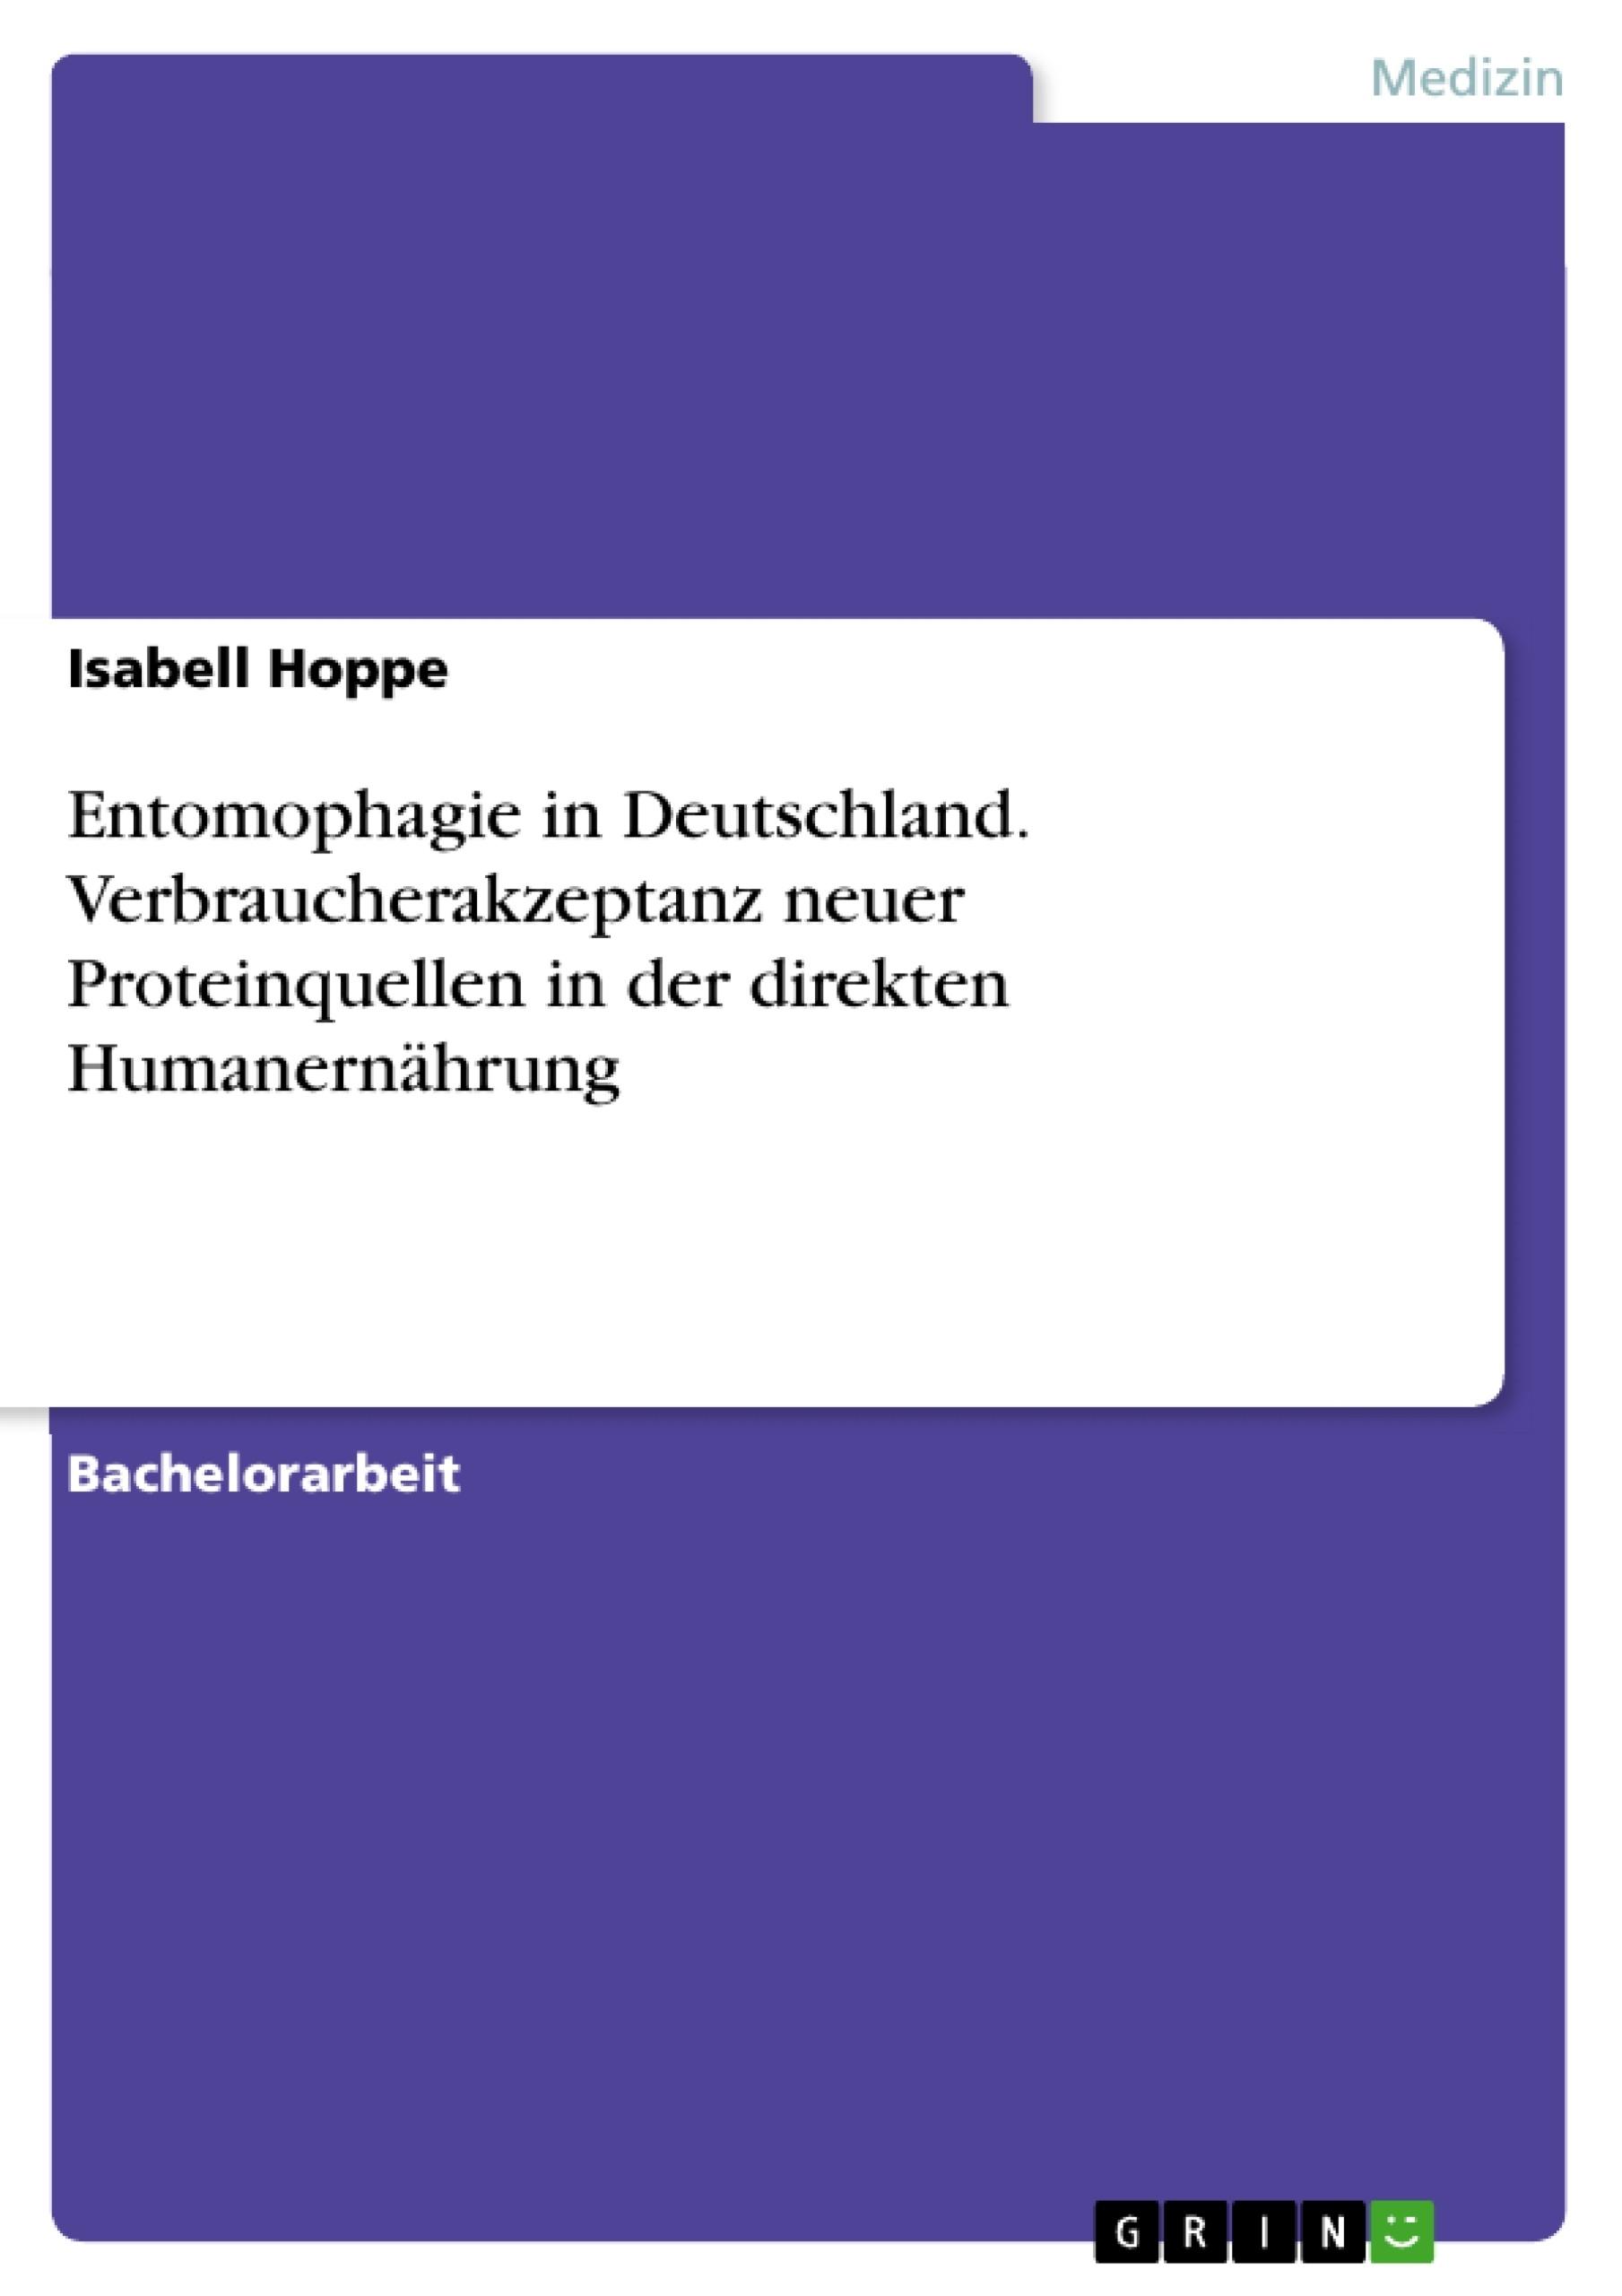 Titel: Entomophagie in Deutschland. Verbraucherakzeptanz neuer Proteinquellen in der direkten Humanernährung